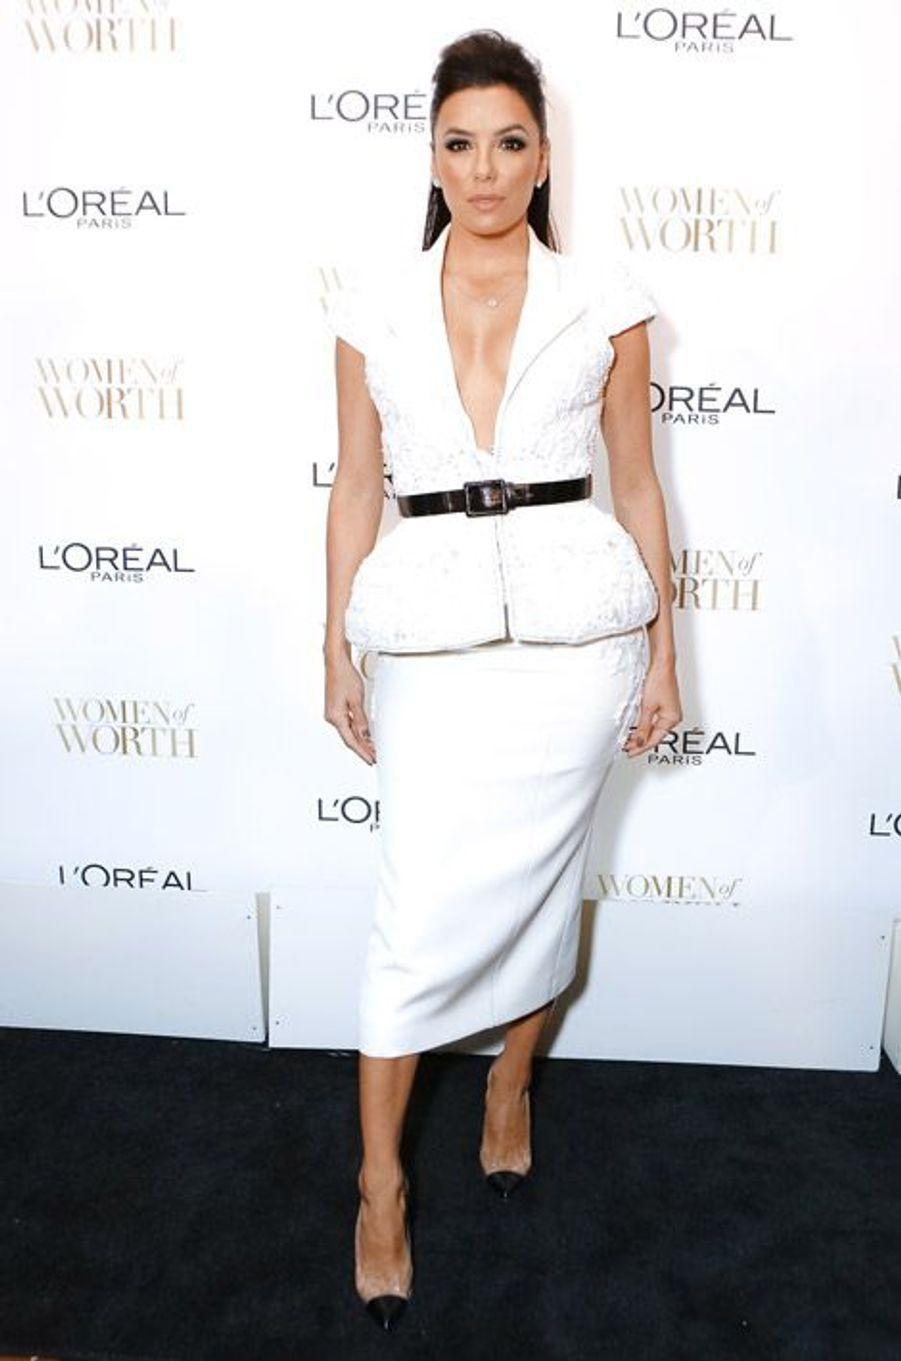 L'actrice Eva Longoria en Ralph and Russo lors d'une soirée L'Oréal Paris à New York, le 2 décembre 2014